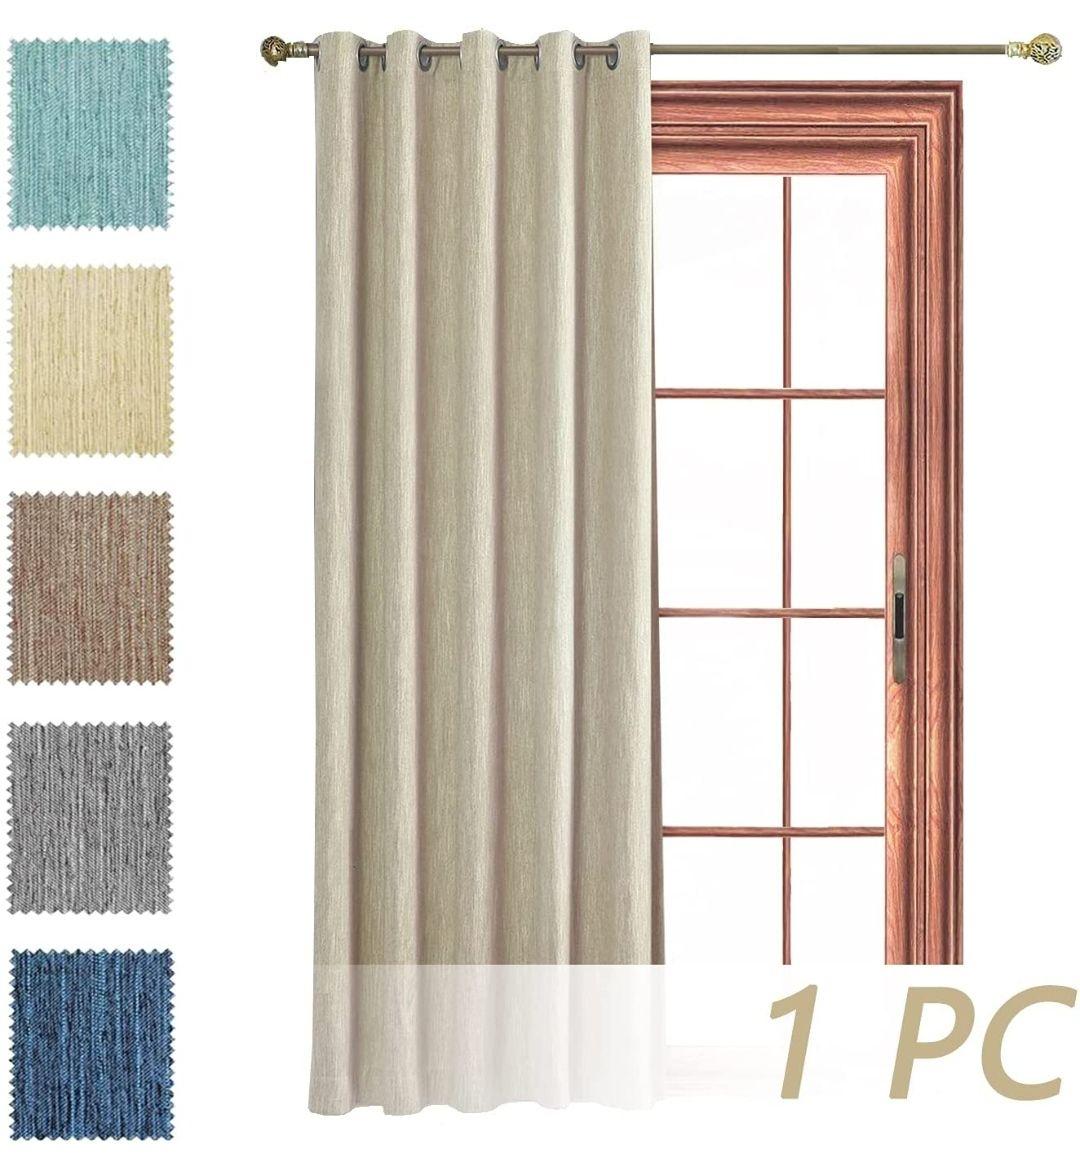 Todas las medidas de cortinas y colores con un 35% de descuento al tramitar el pedido